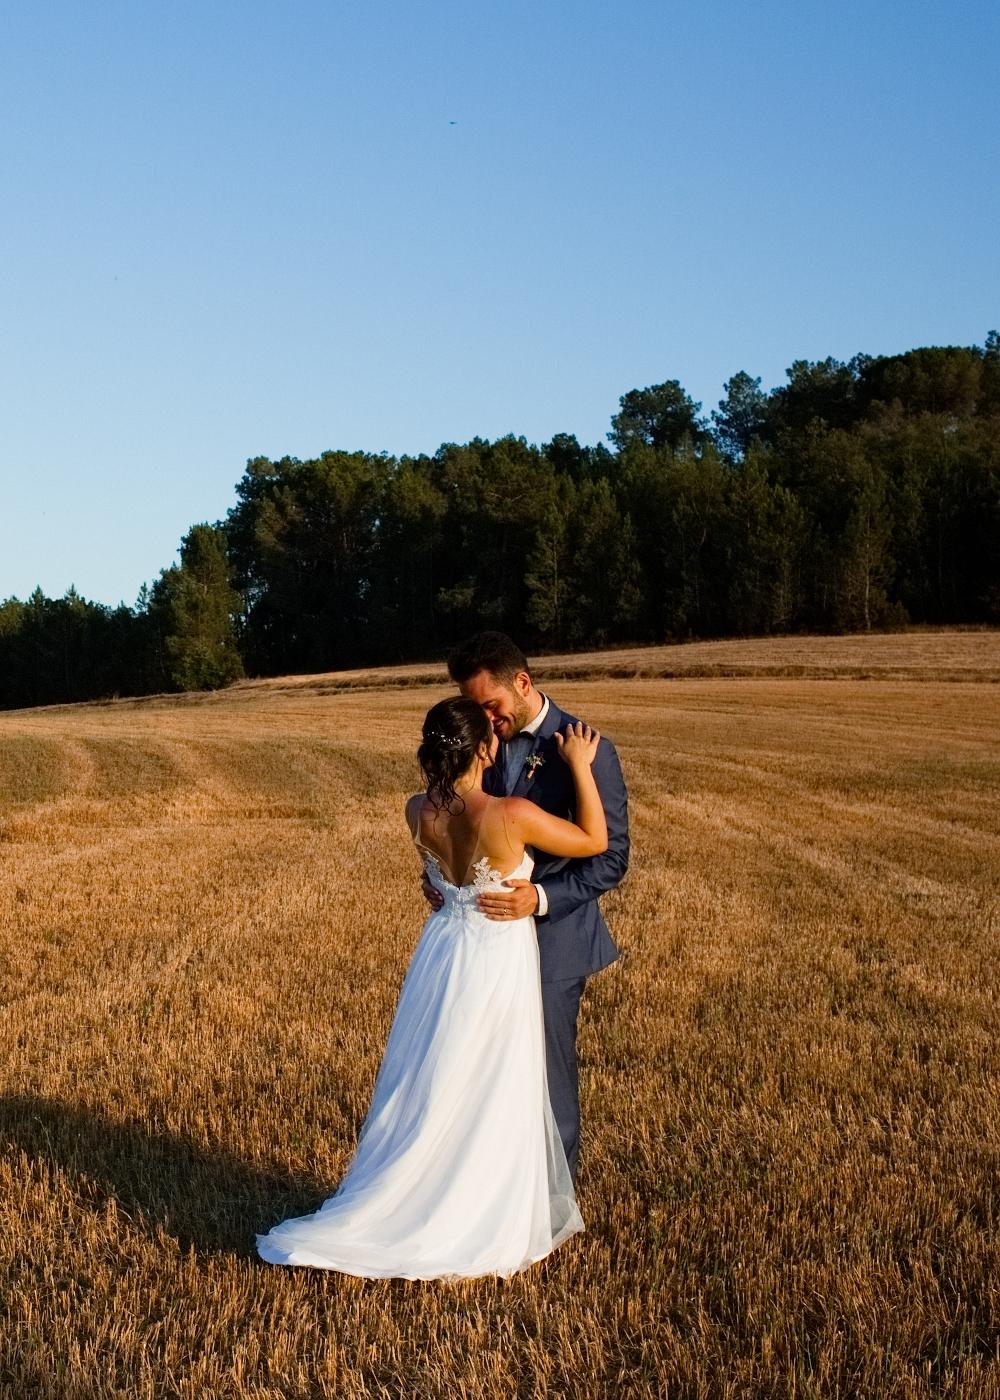 mejor fotografo de bodas de girona y españa